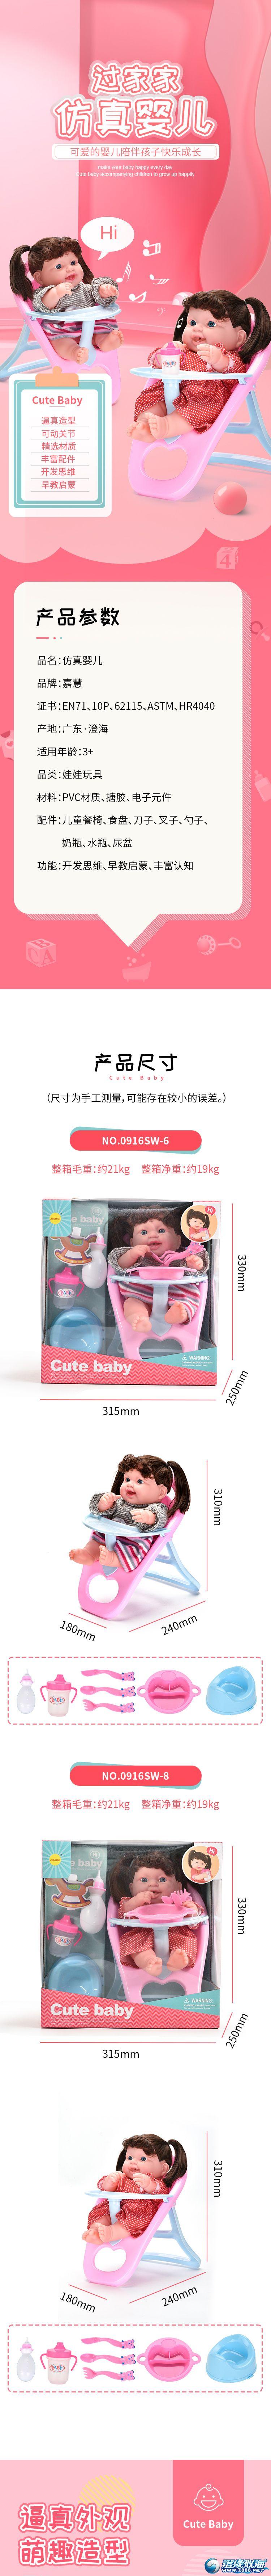 盛达玩具厂-(0916SW-6、0916SW-8)-仿真婴儿-中文版详情页源文件_01.jpg